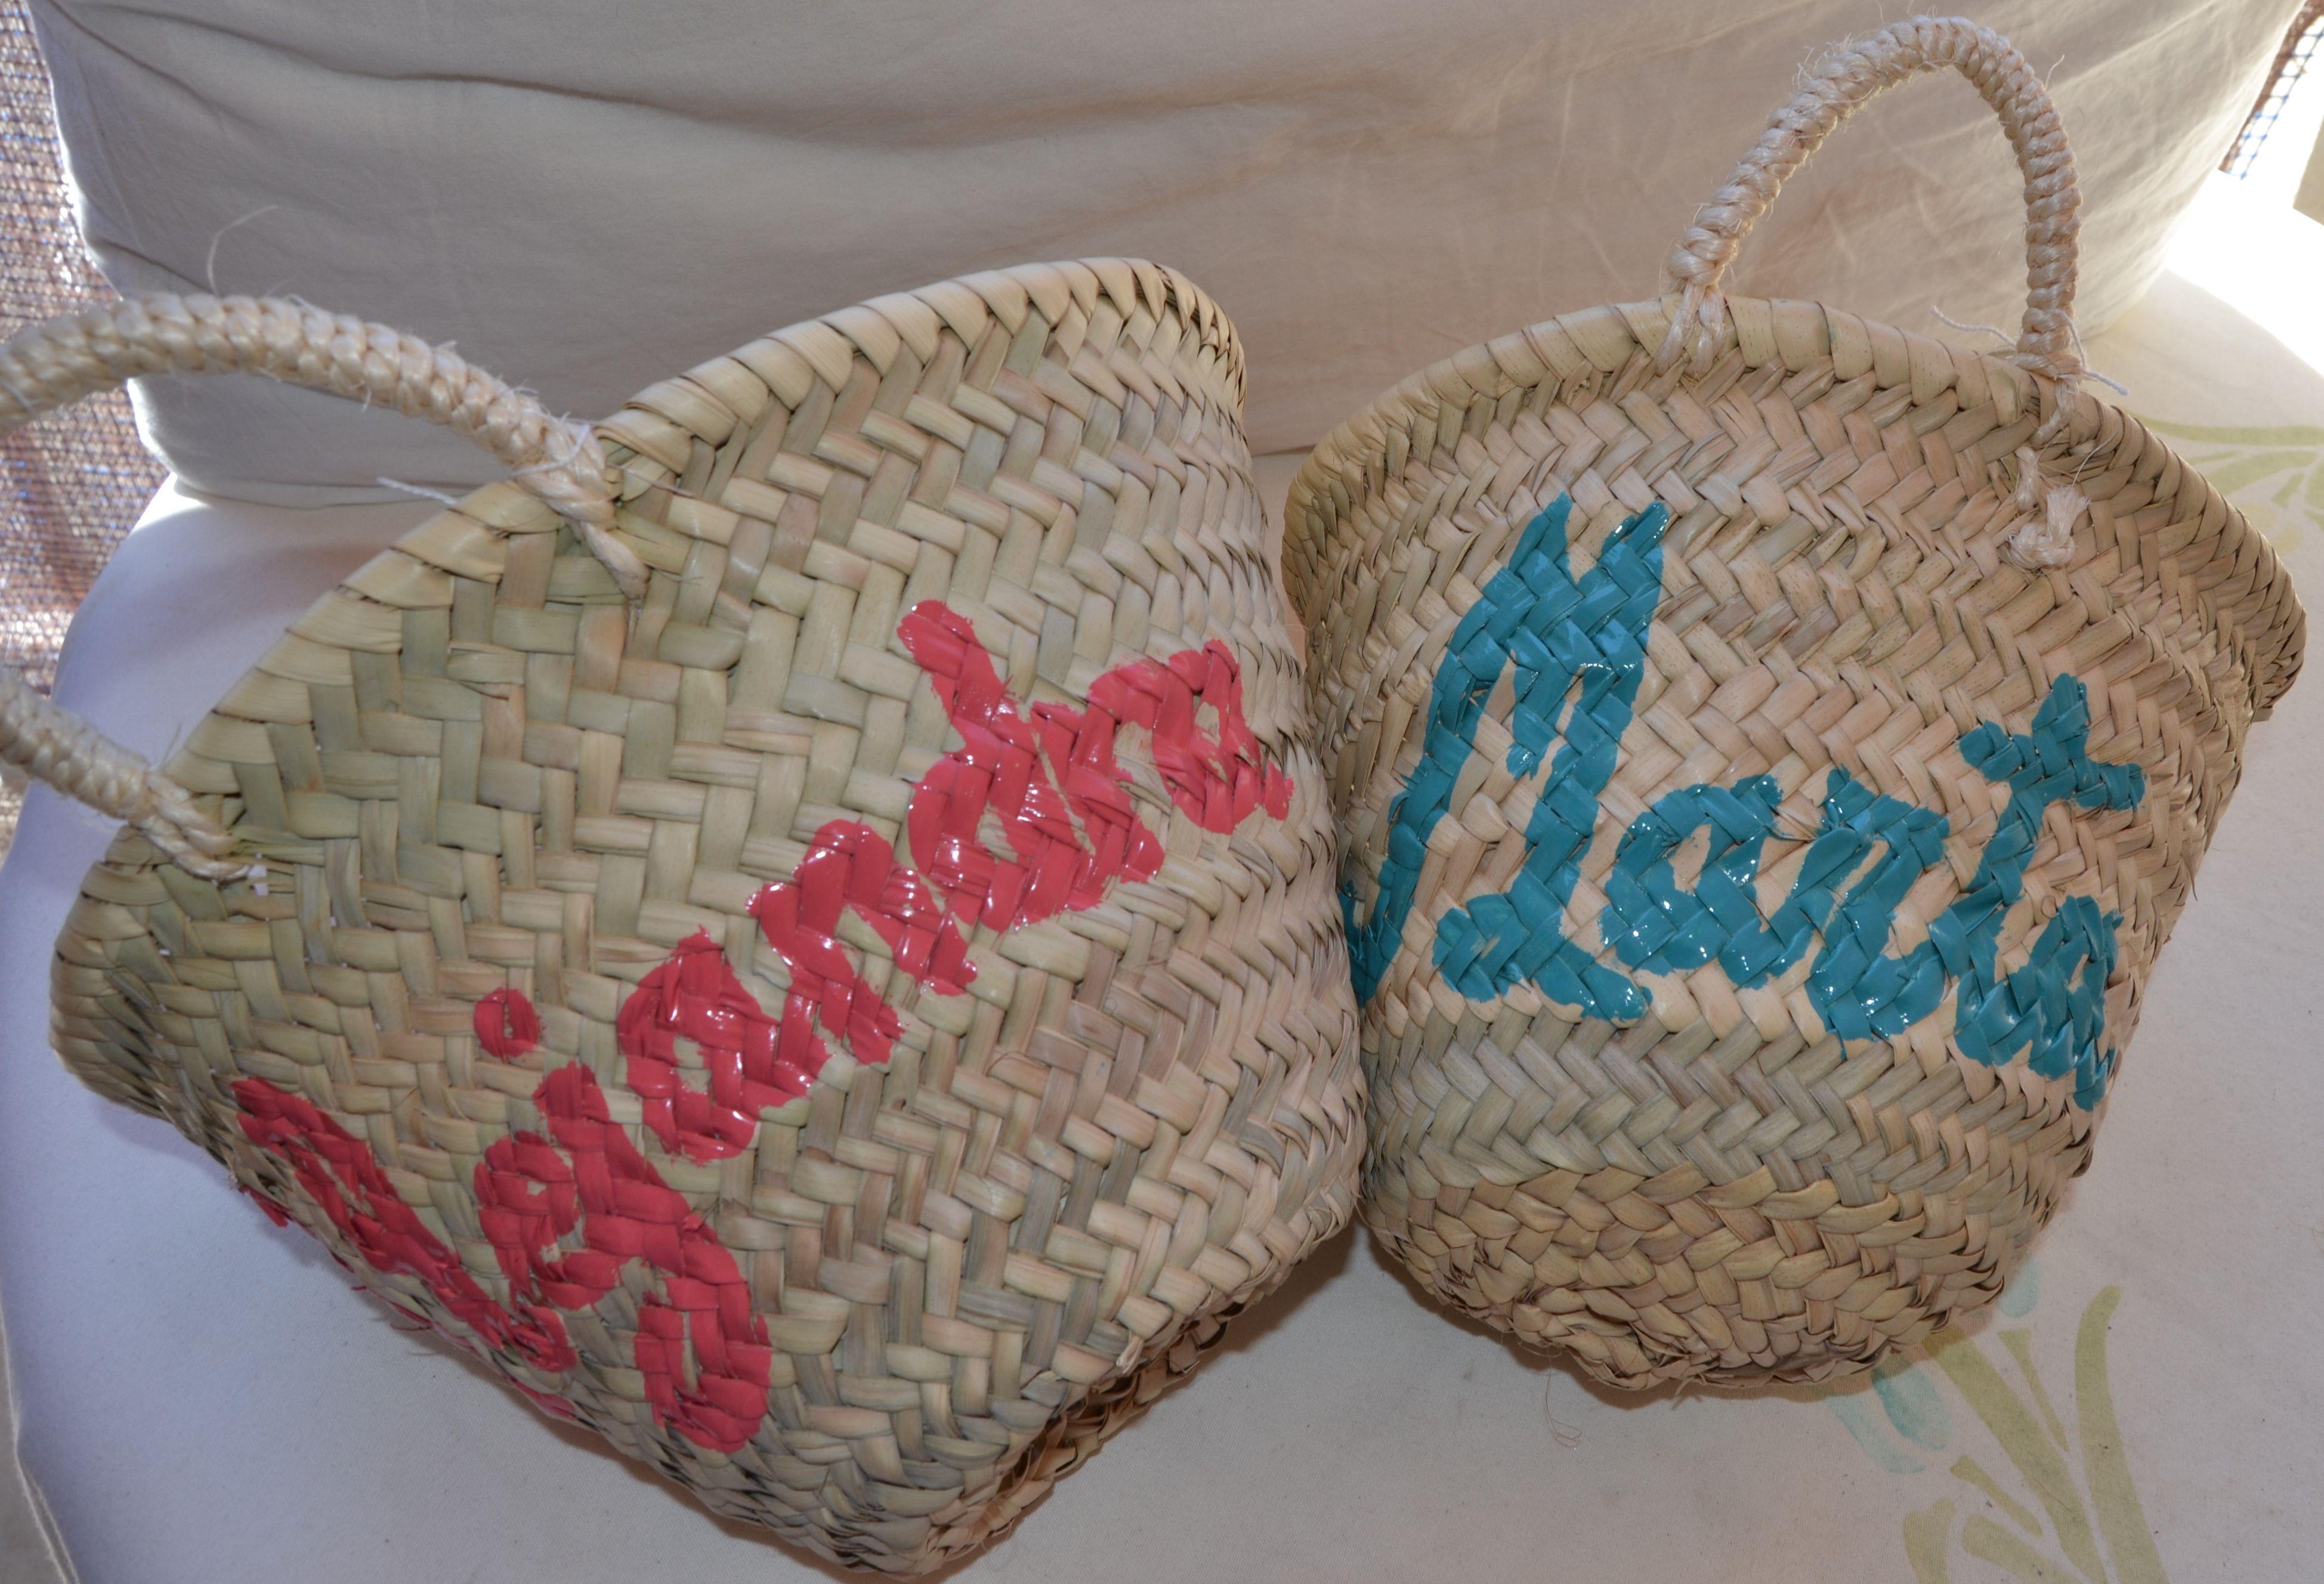 para las más pequeñas de la casa, les encantarán!! capazos infantiles personalizados, elige y ponte en contacto con nosotros www.limye.com